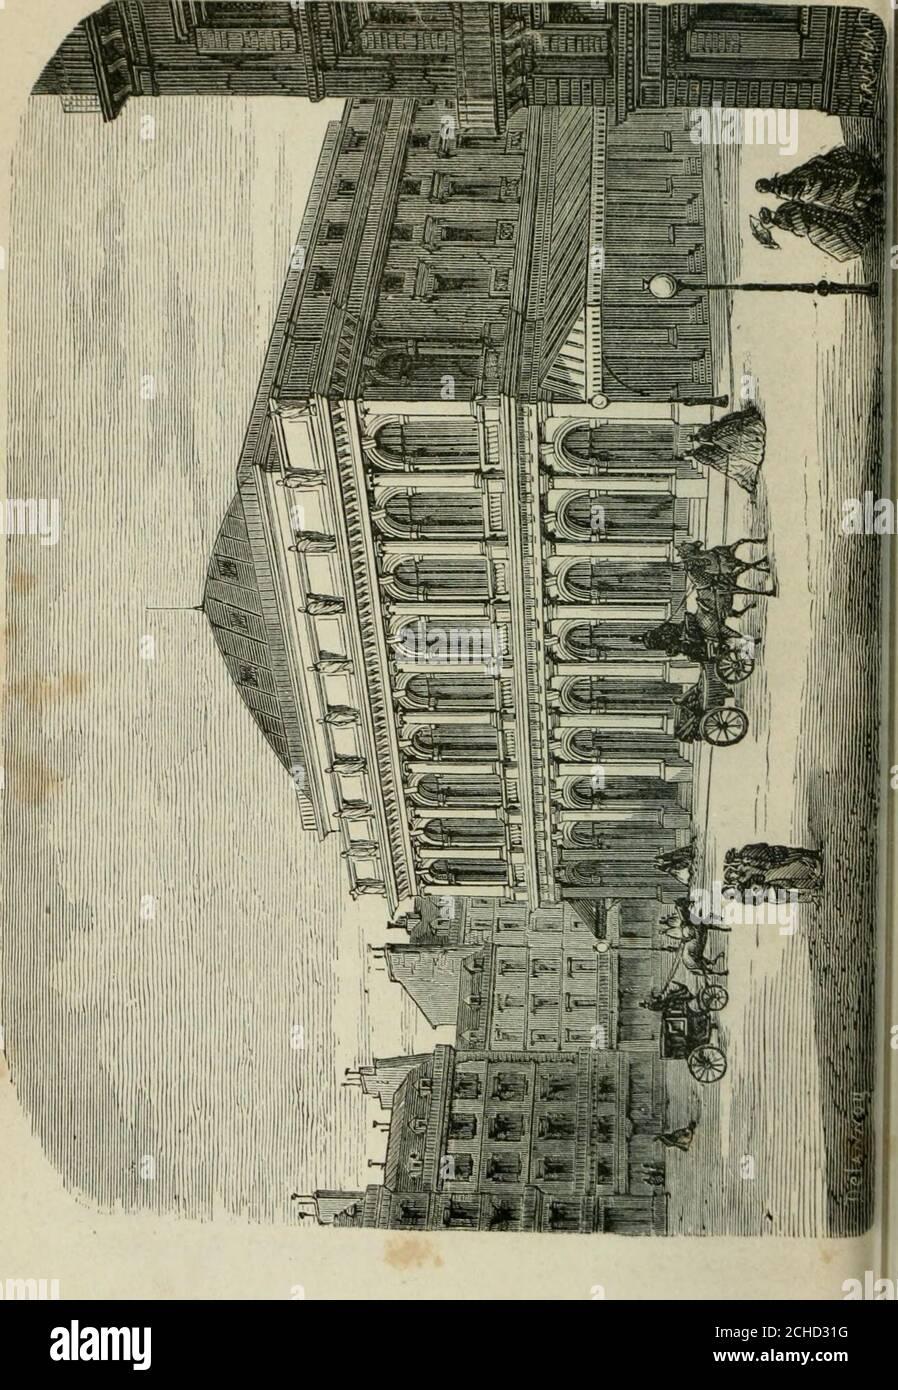 . Les merveilles du nouveau Paris-- . Cependant le publicisa de se Porter à la Comédie-Italienne et donna la pré-férence à la Opéra-Comique. En 1780, les comédiens italiensse retirèrent; mais la troupe continua à exploiter le théâtresous le nom de Comédie-Italienne. En 1785, CE théâtre futurporté dans la salle ocupée aujourdhui par le théâtrede lOpéra-Comique, sur le boulevard des Italiens. Le théâtre de la Opéra-Comique succéda à ceux de la Foire,où les comédiens italiens représentaient des pièces à ariet-tes. Il fut installé en 1716, à lhôtel de Bourgogne. Le succès de cette nouvelle scène Foto de stock